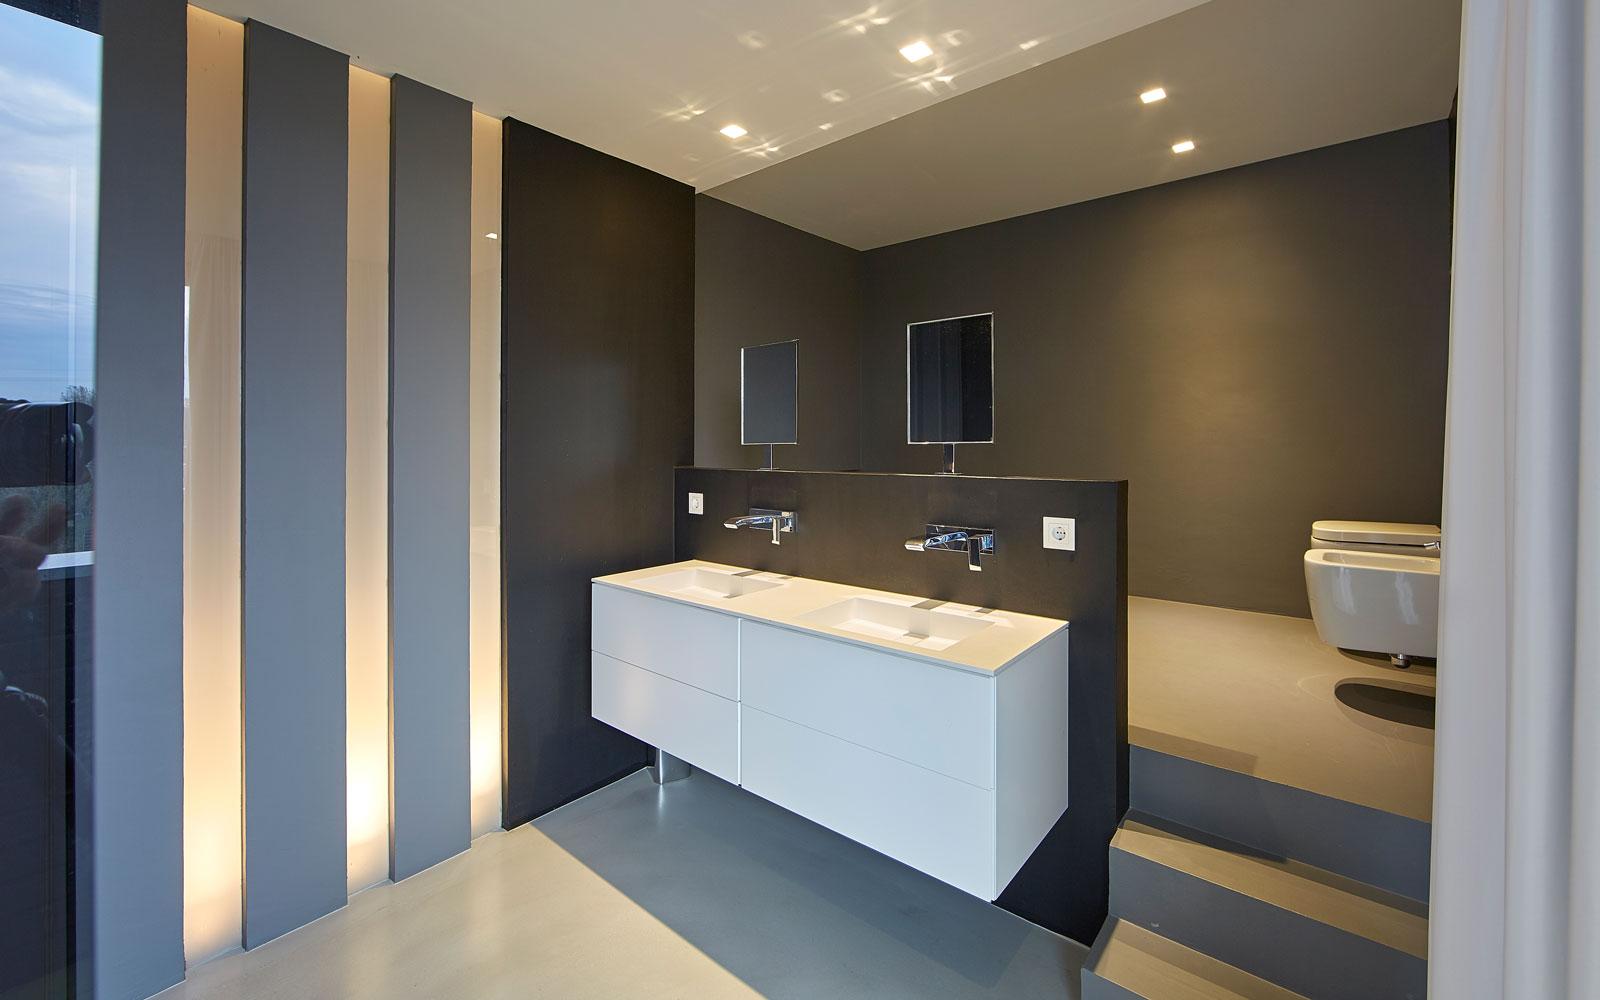 Badkamer, wastafel, ledverlichting, hedendaagse look, neutrale kleuren, woning aan het water, Bart van Wijk